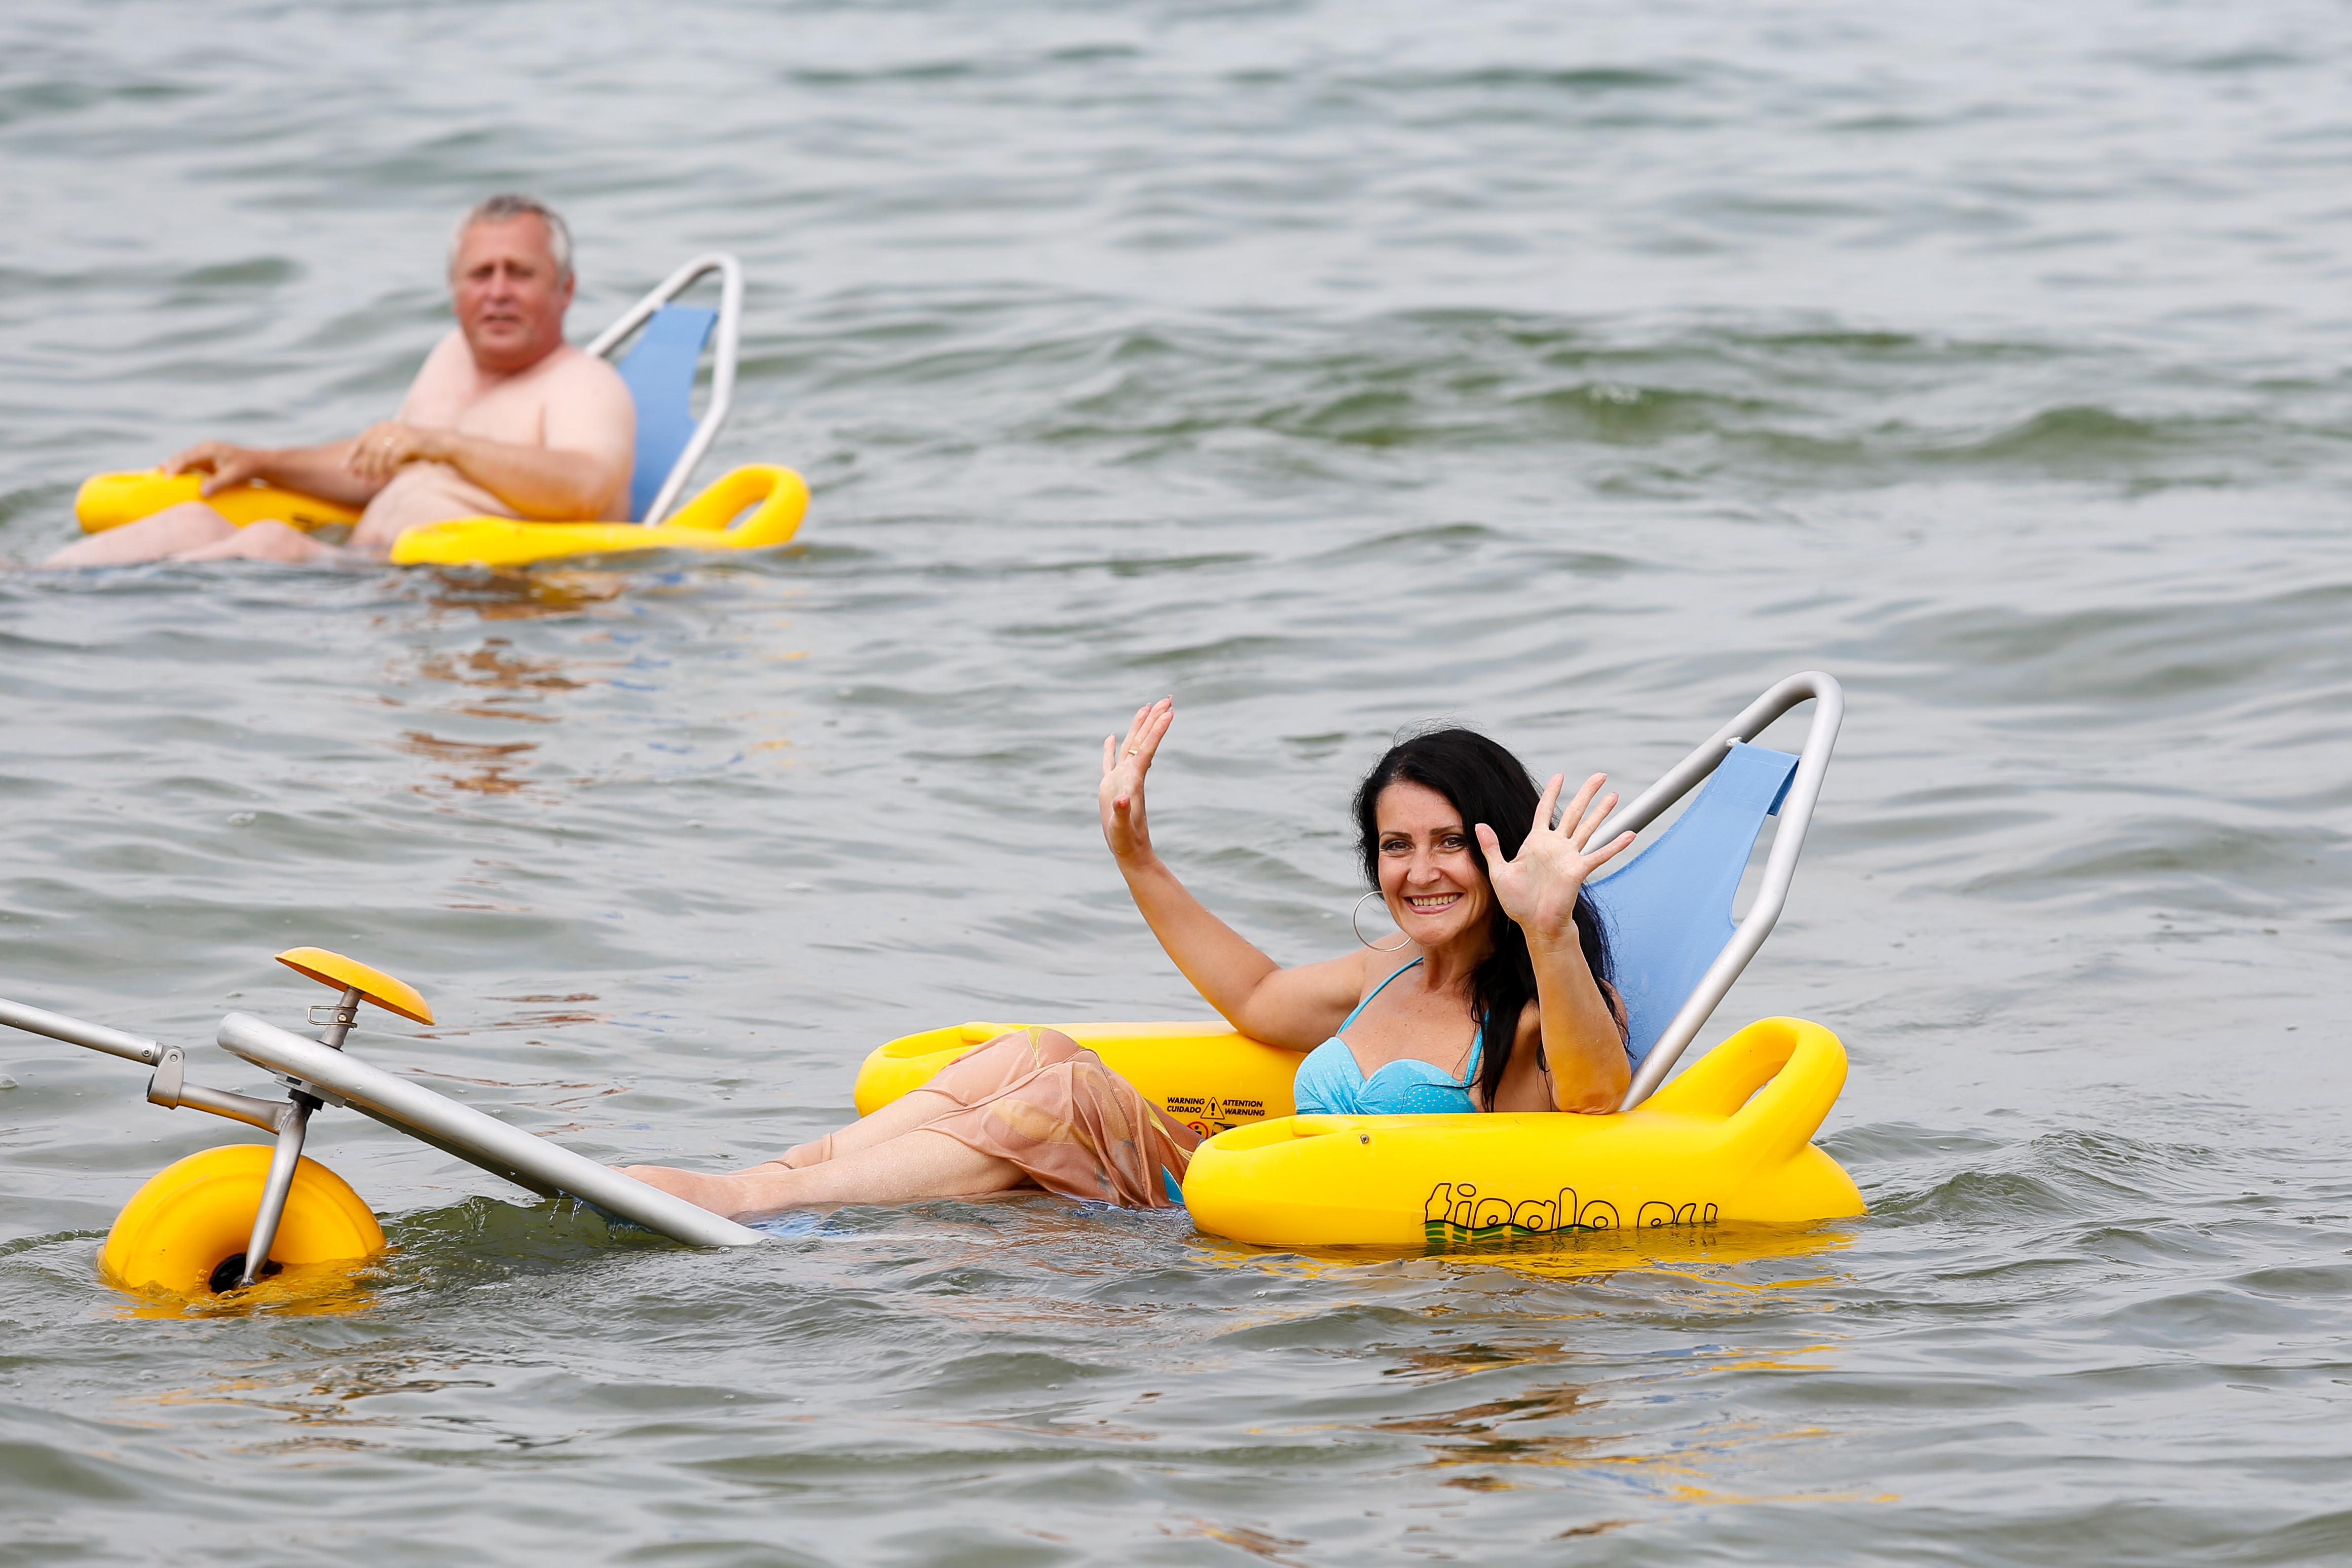 Plaże dla osób niepełnosprawnych w obwodzie kaliningradzkim